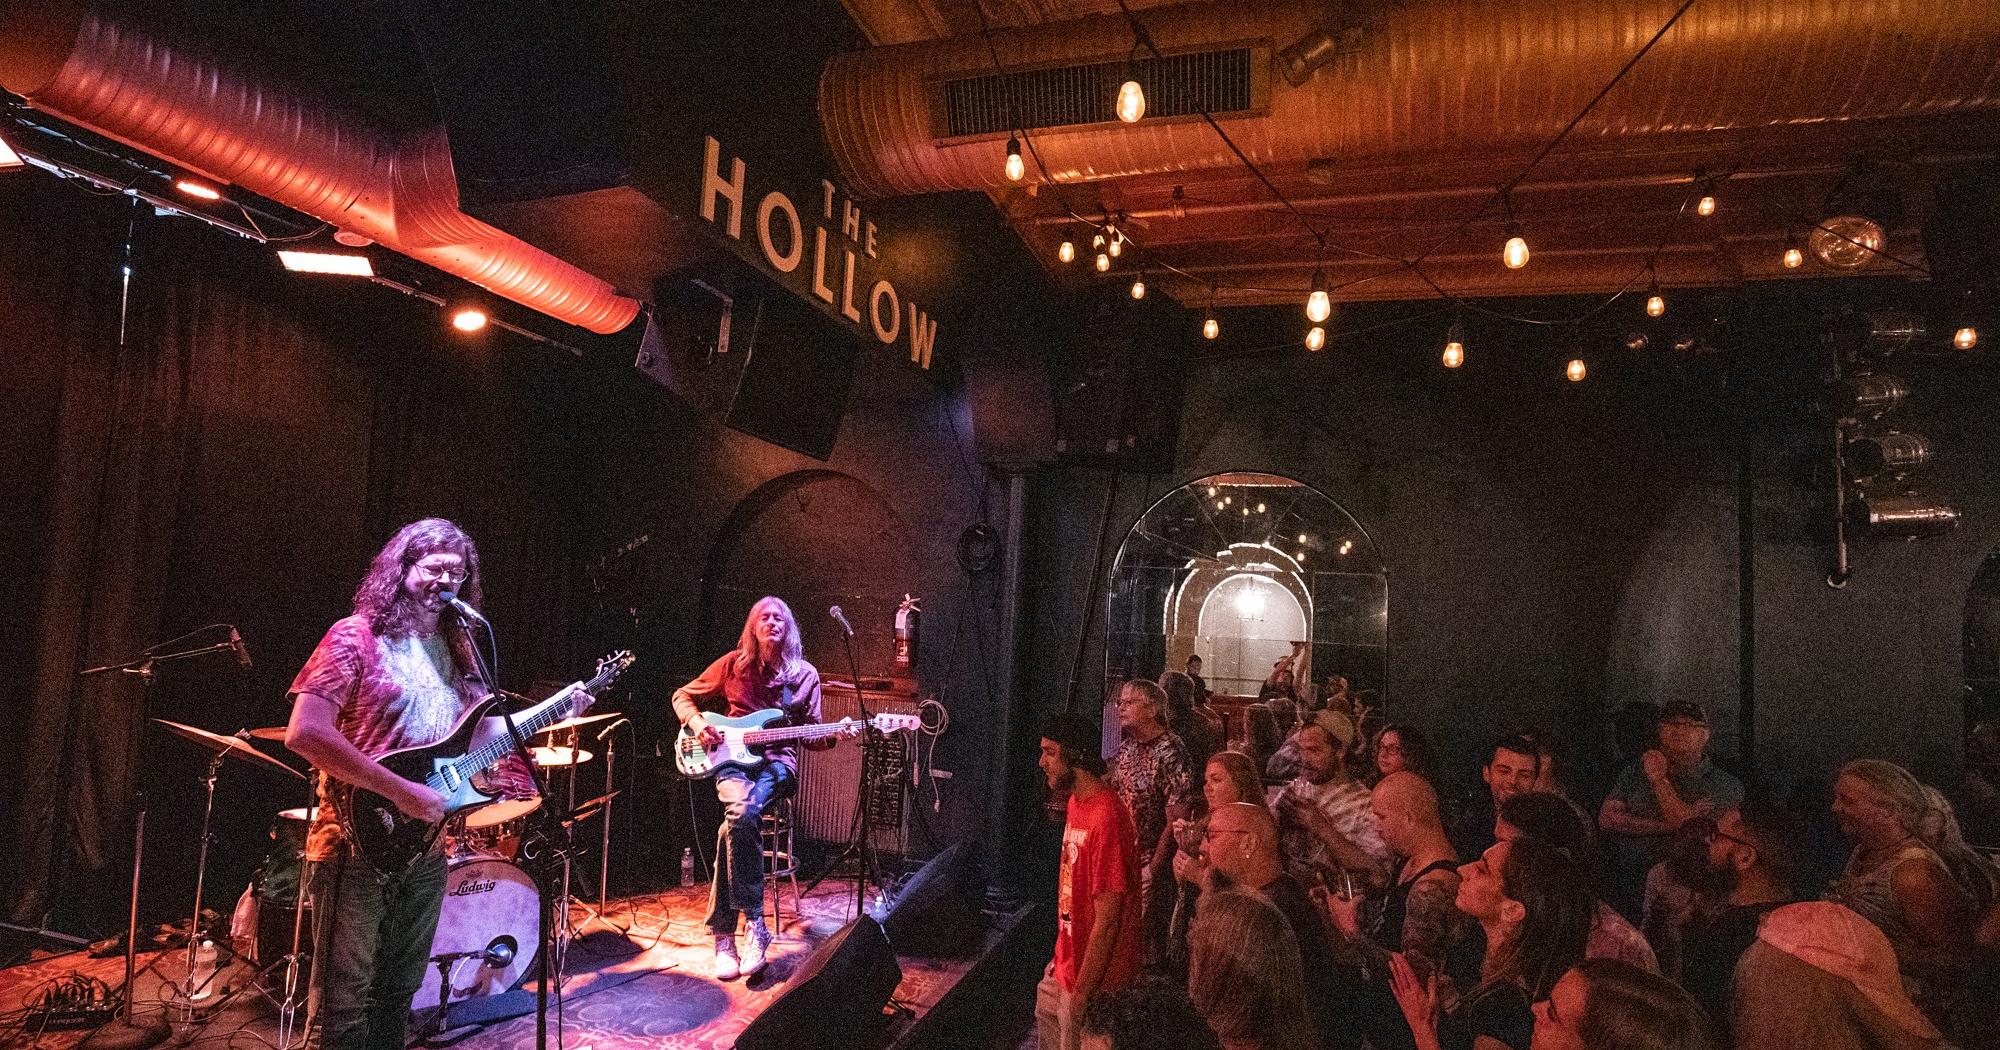 GALLERY: John Kadlecik Band at The Hollow in Albany, NY